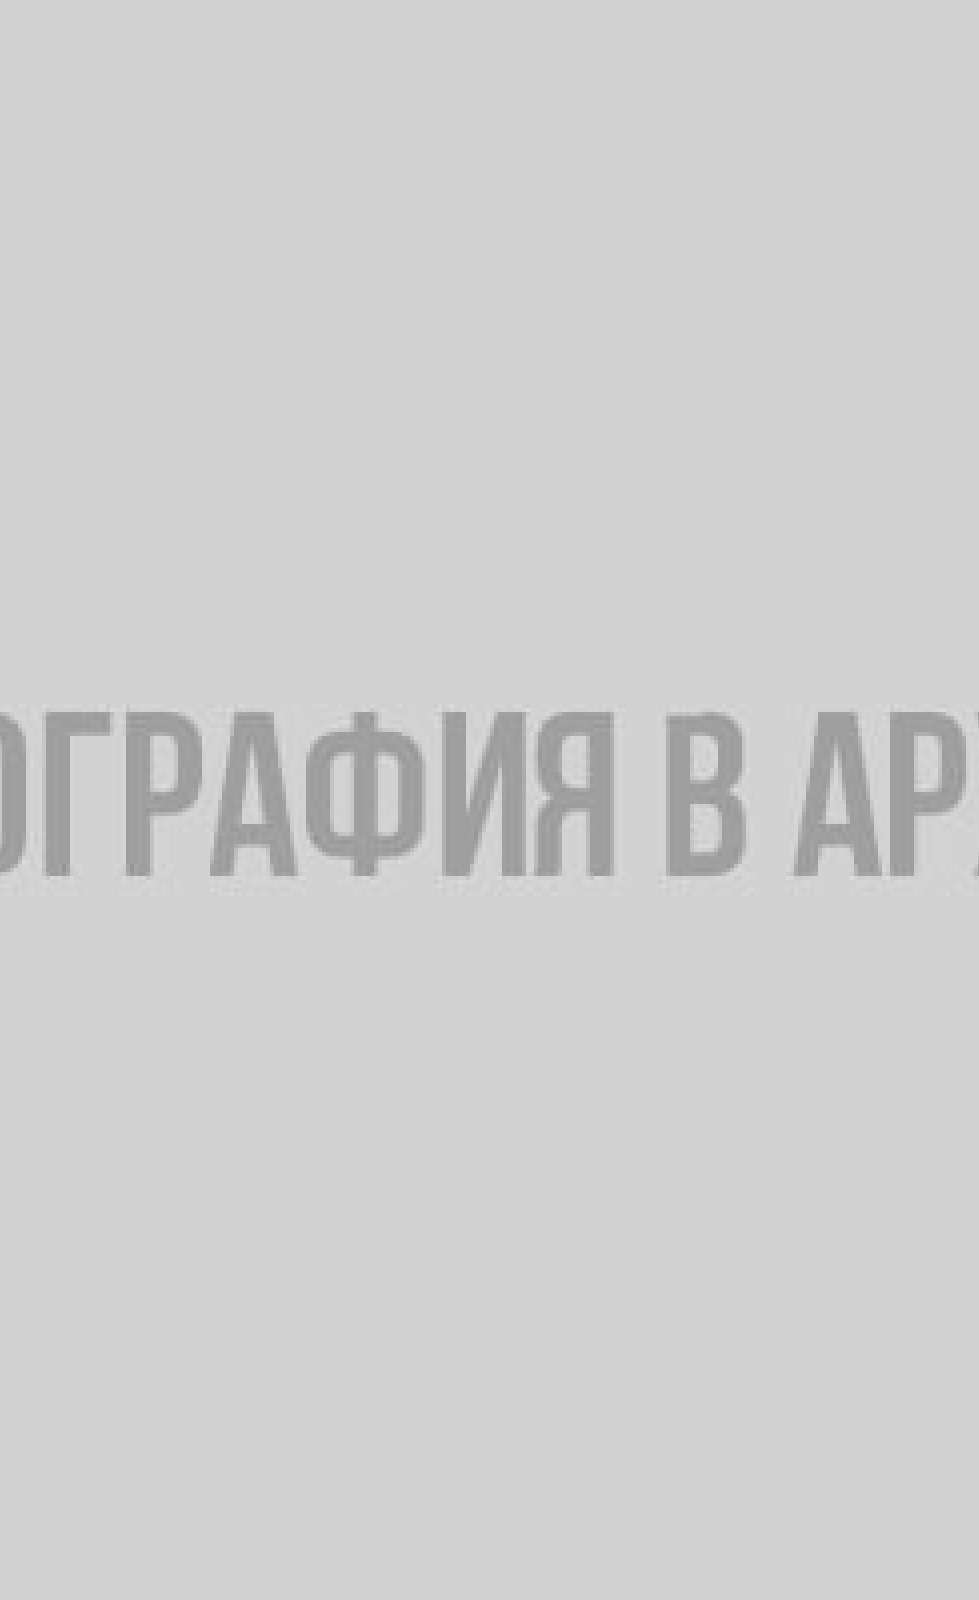 """Брошенный окурок вызвал пожар в лесной части Монрепо — фото Музей-заповедник """"Парк Монрепо"""", лесной пожар, Ленобласть"""